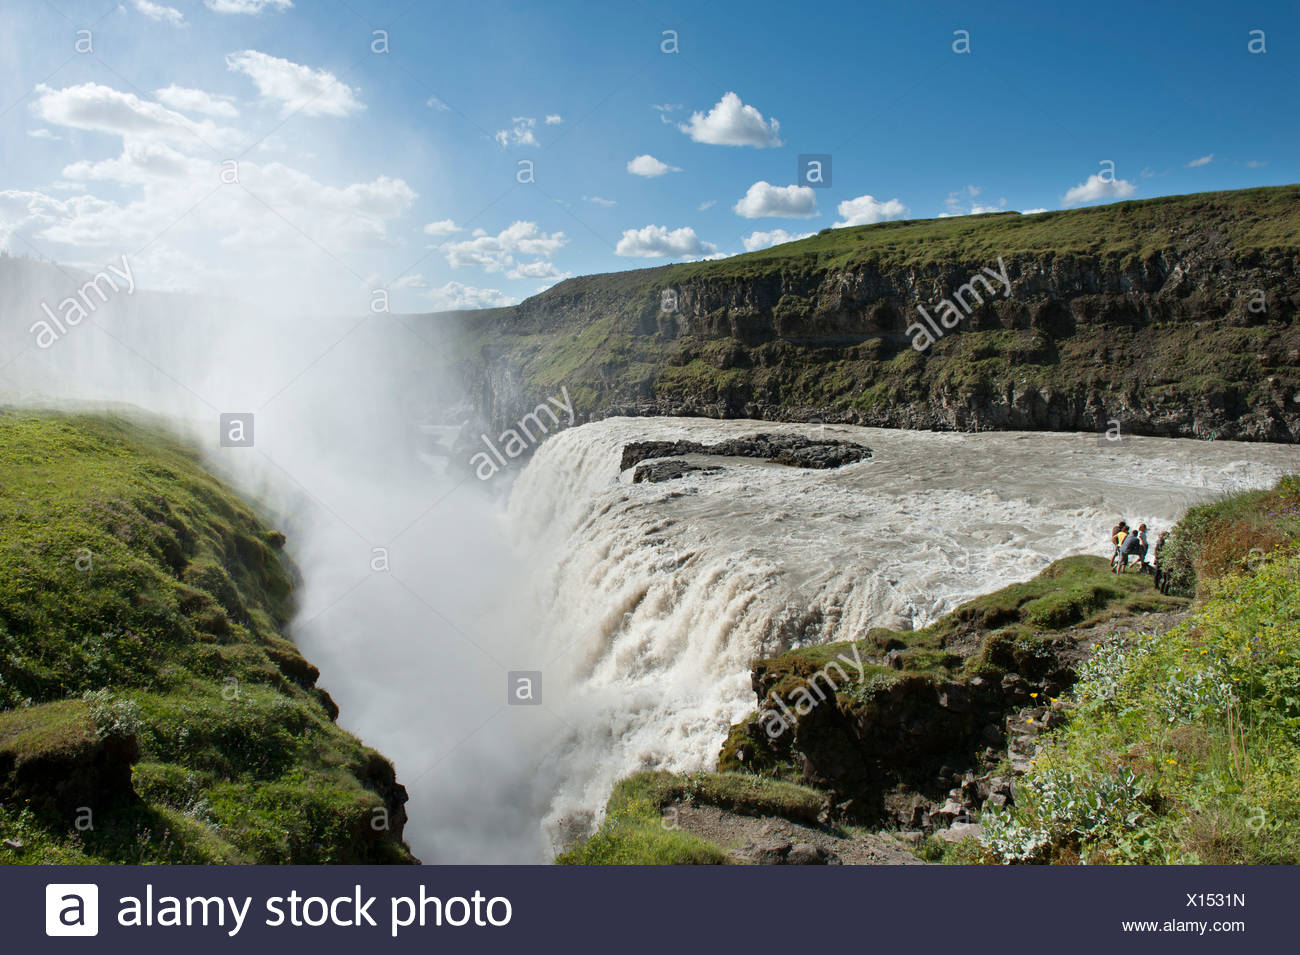 Gran cascada Gullfoss, río Hvítá con spray y arco iris, Golden Circle, Islandia, Escandinavia, Europa septentrional, Europa Imagen De Stock